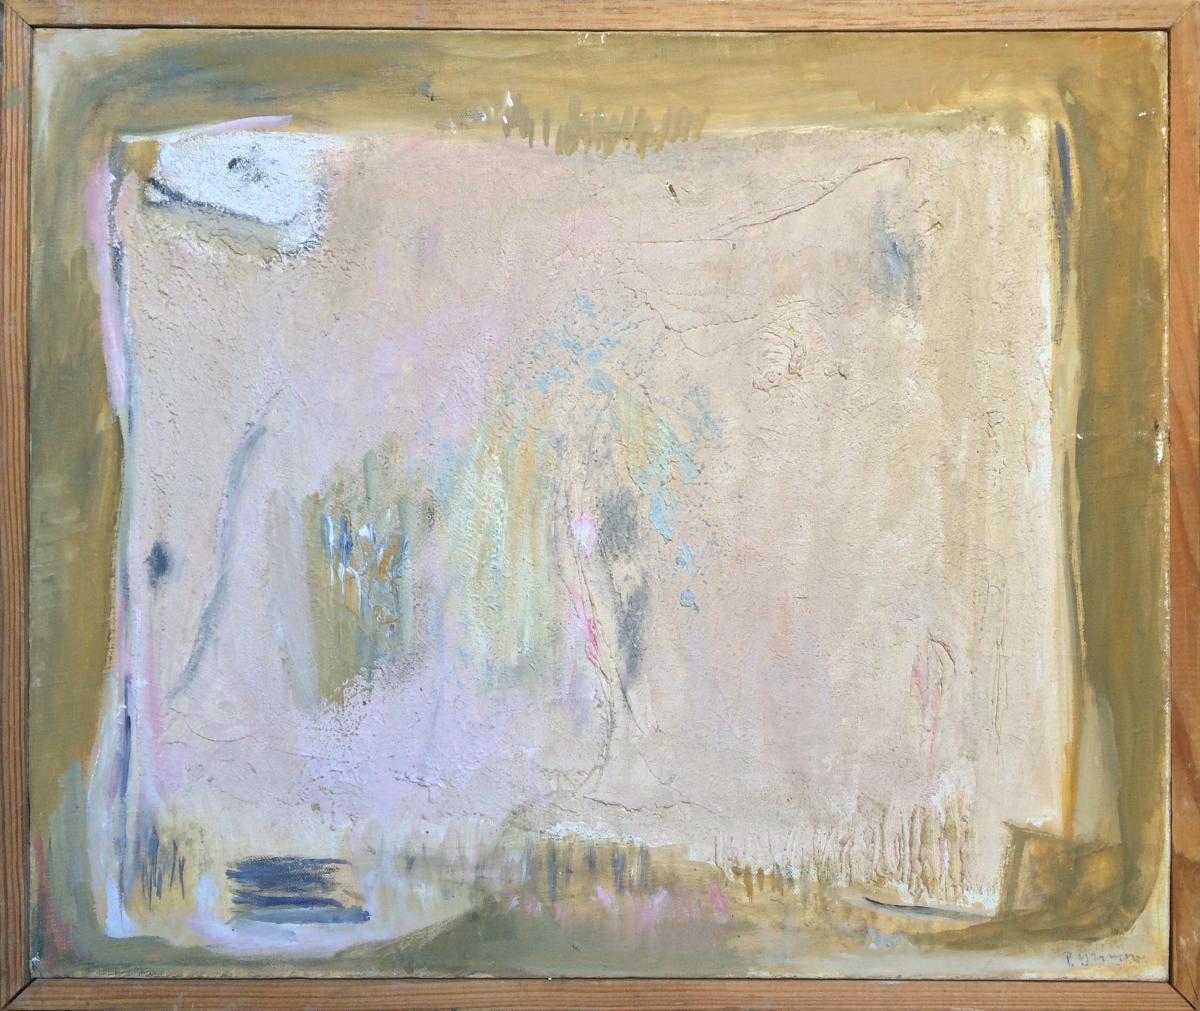 Pierre Grimm, Russe, Composition Abstraite, Huile Sur Toile, 46 X 55 Cm